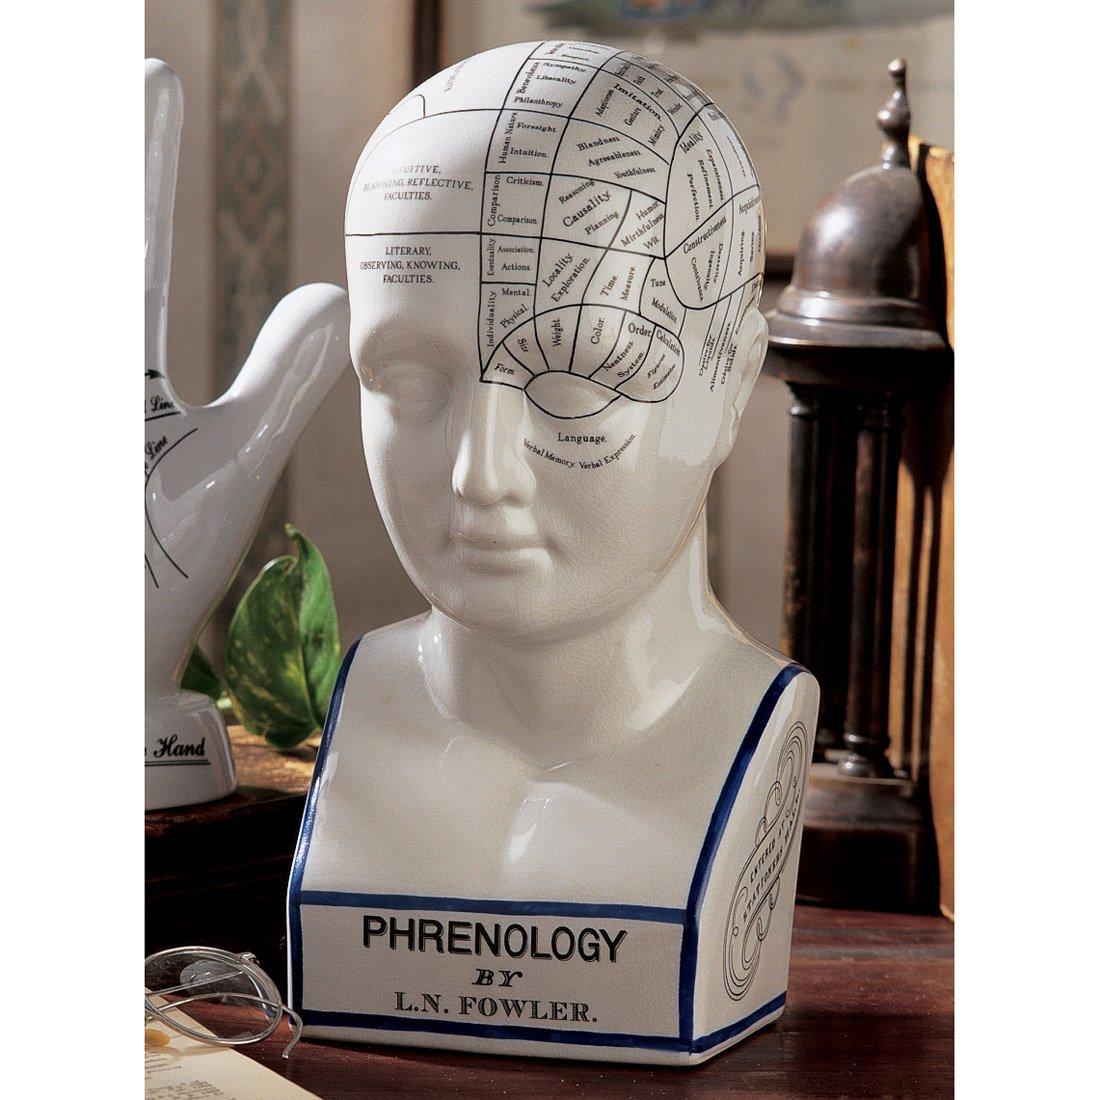 西洋骨相学 顔相 人相占い アンティーク風占い頭部像 彫刻 彫像 フレノロジー 模型オブジェ デザイン・トスカノ製(輸入品)